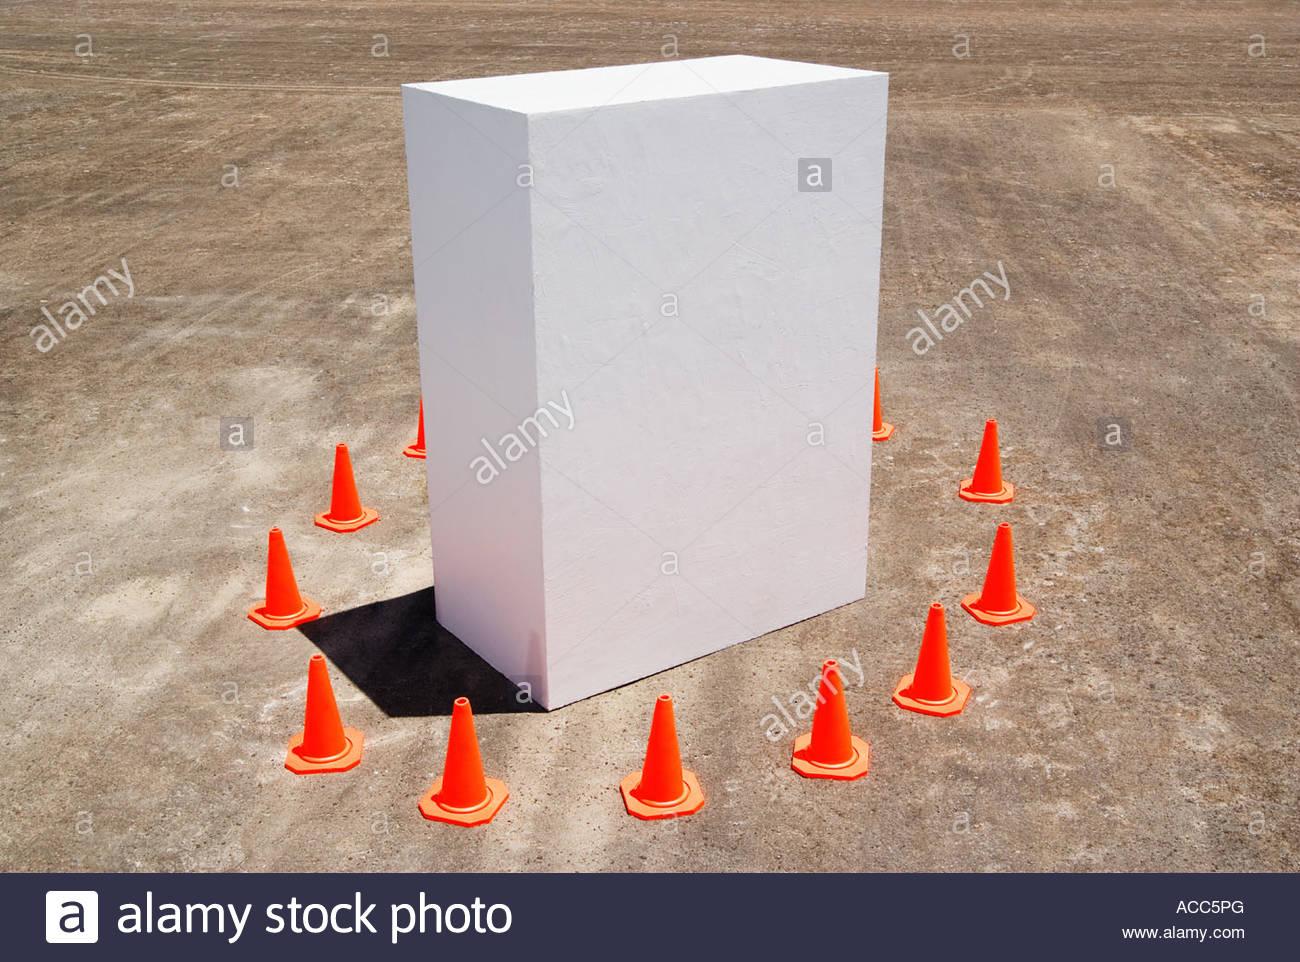 Traffic cones around white box - Stock Image